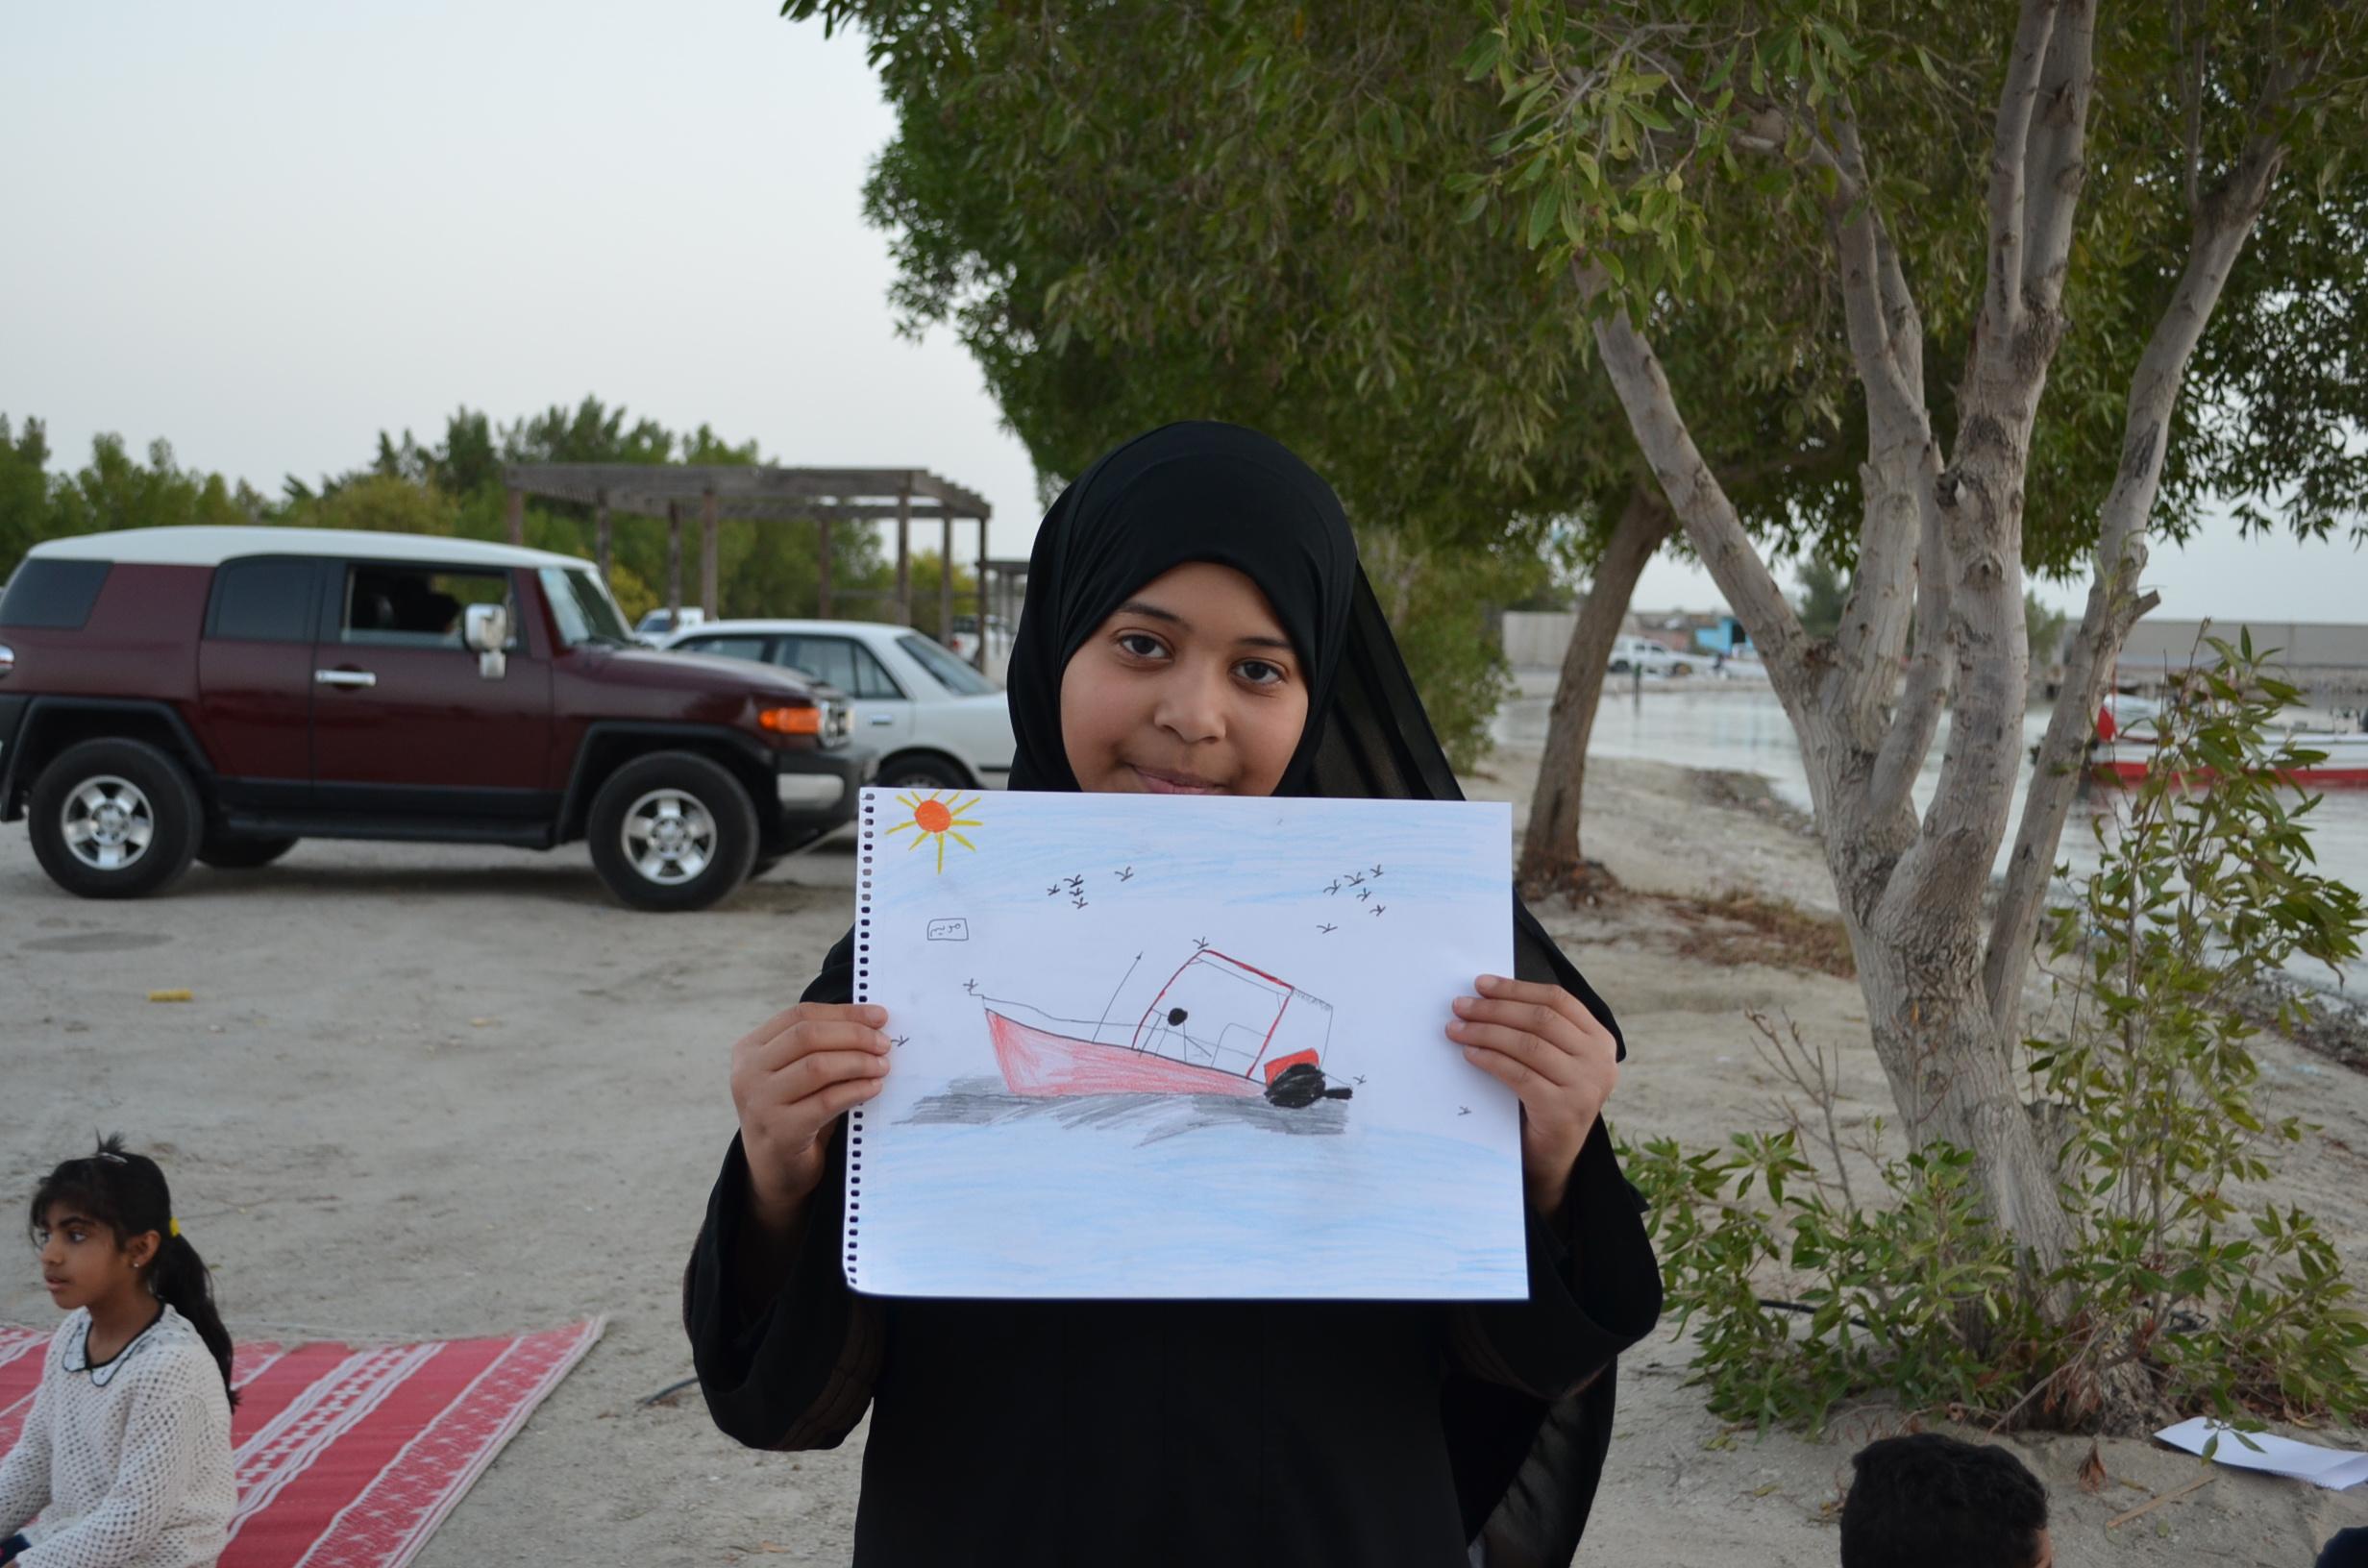 ورشة رسم للأطفال Drawing Workshop for Children